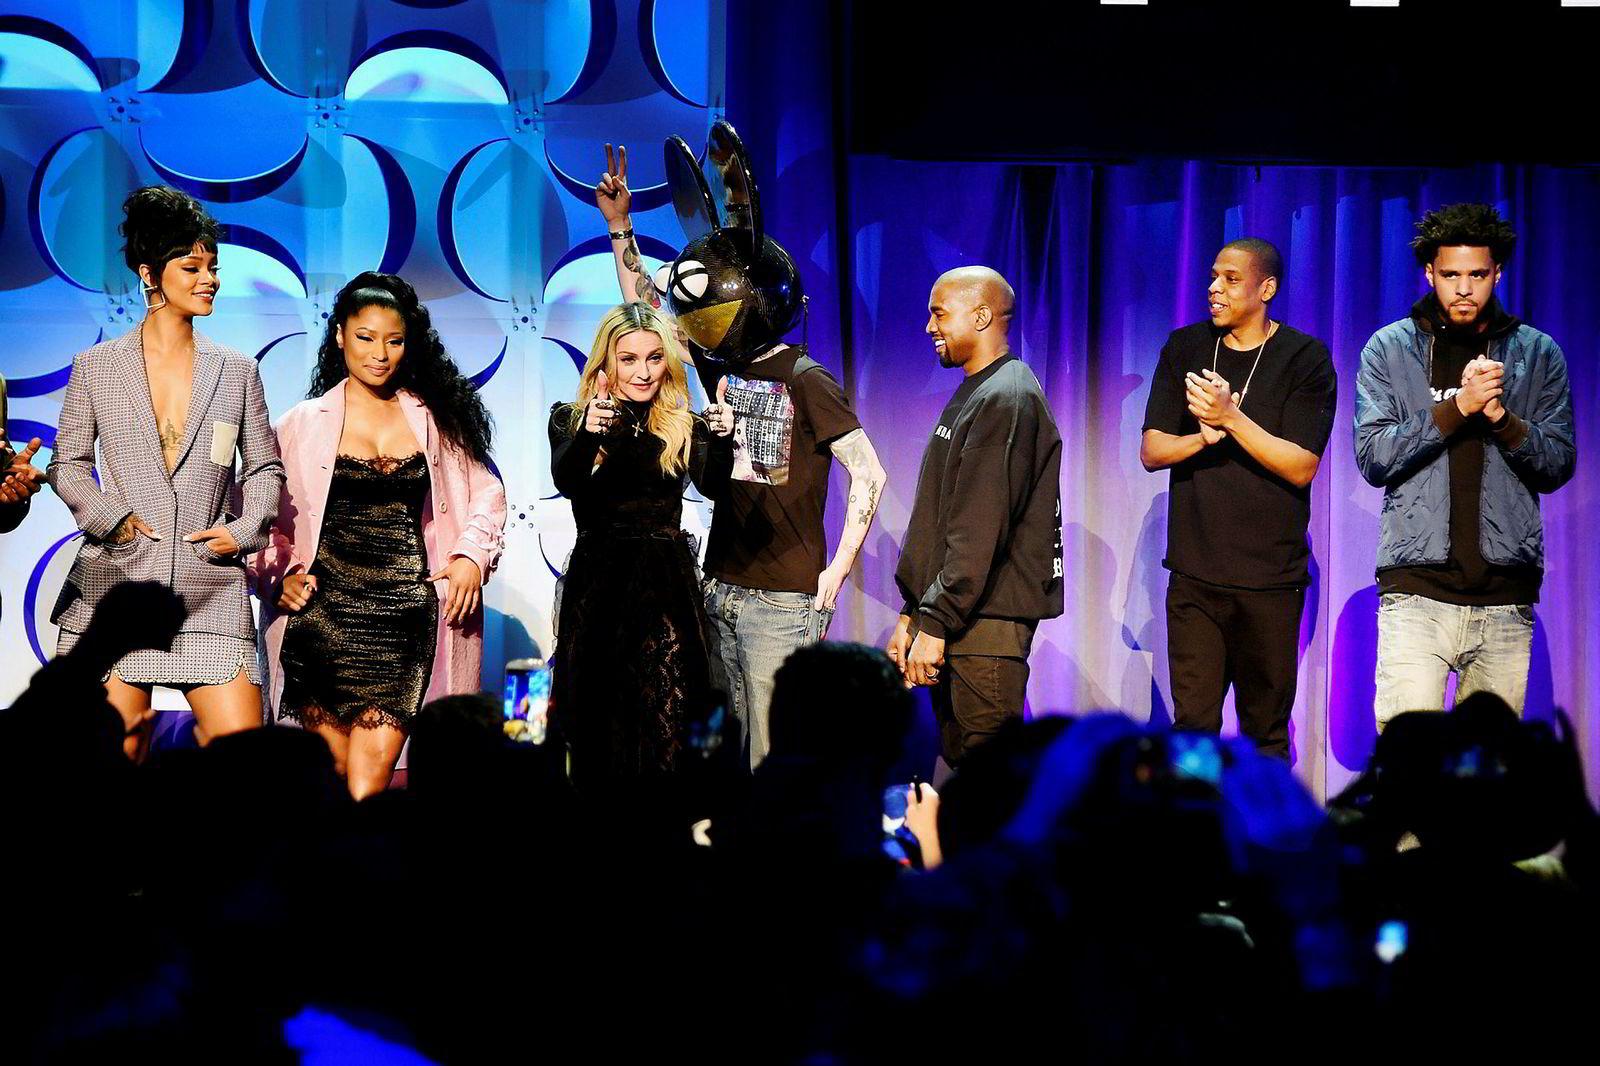 Tidal ble startet i Norge, men eies i dag av Jay Z (nummer to fra høyre), 20 andre verdenskjente artister og band, samt telekomselskapet Sprint. Fra venstre, Rihanna, Nicki Minaj, Madonna, Deadmau5, Kanye West, Jay Z og J. Cole.